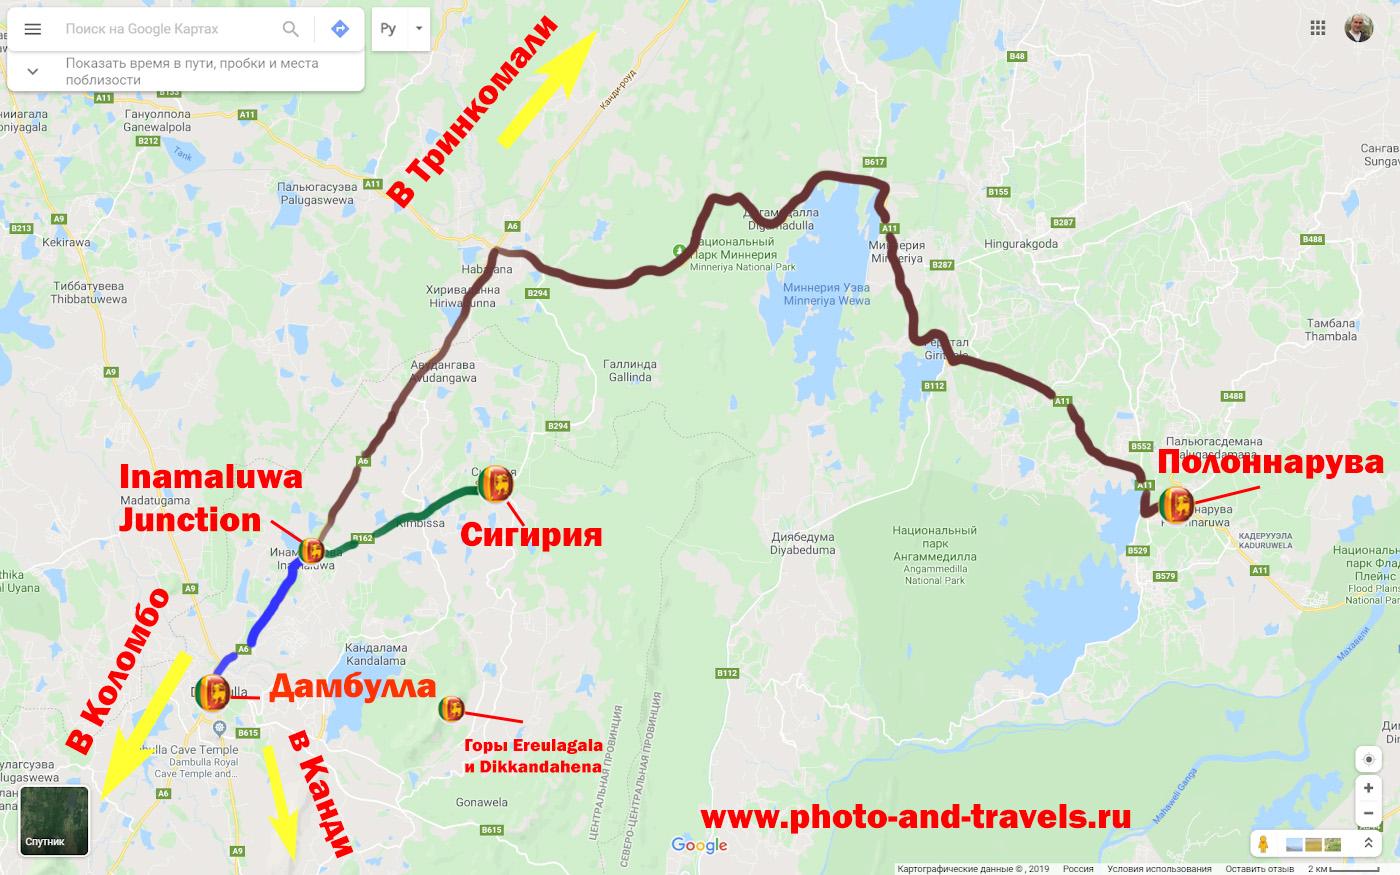 14. Схема, поясняющая как добраться в Сигирию на автобусе из города Дамбулла (Dambulla) или из Полоннарува (Polonnaruwa). Во втором случае требуется пересадка в городке Инамальюва (Inamaluwa).